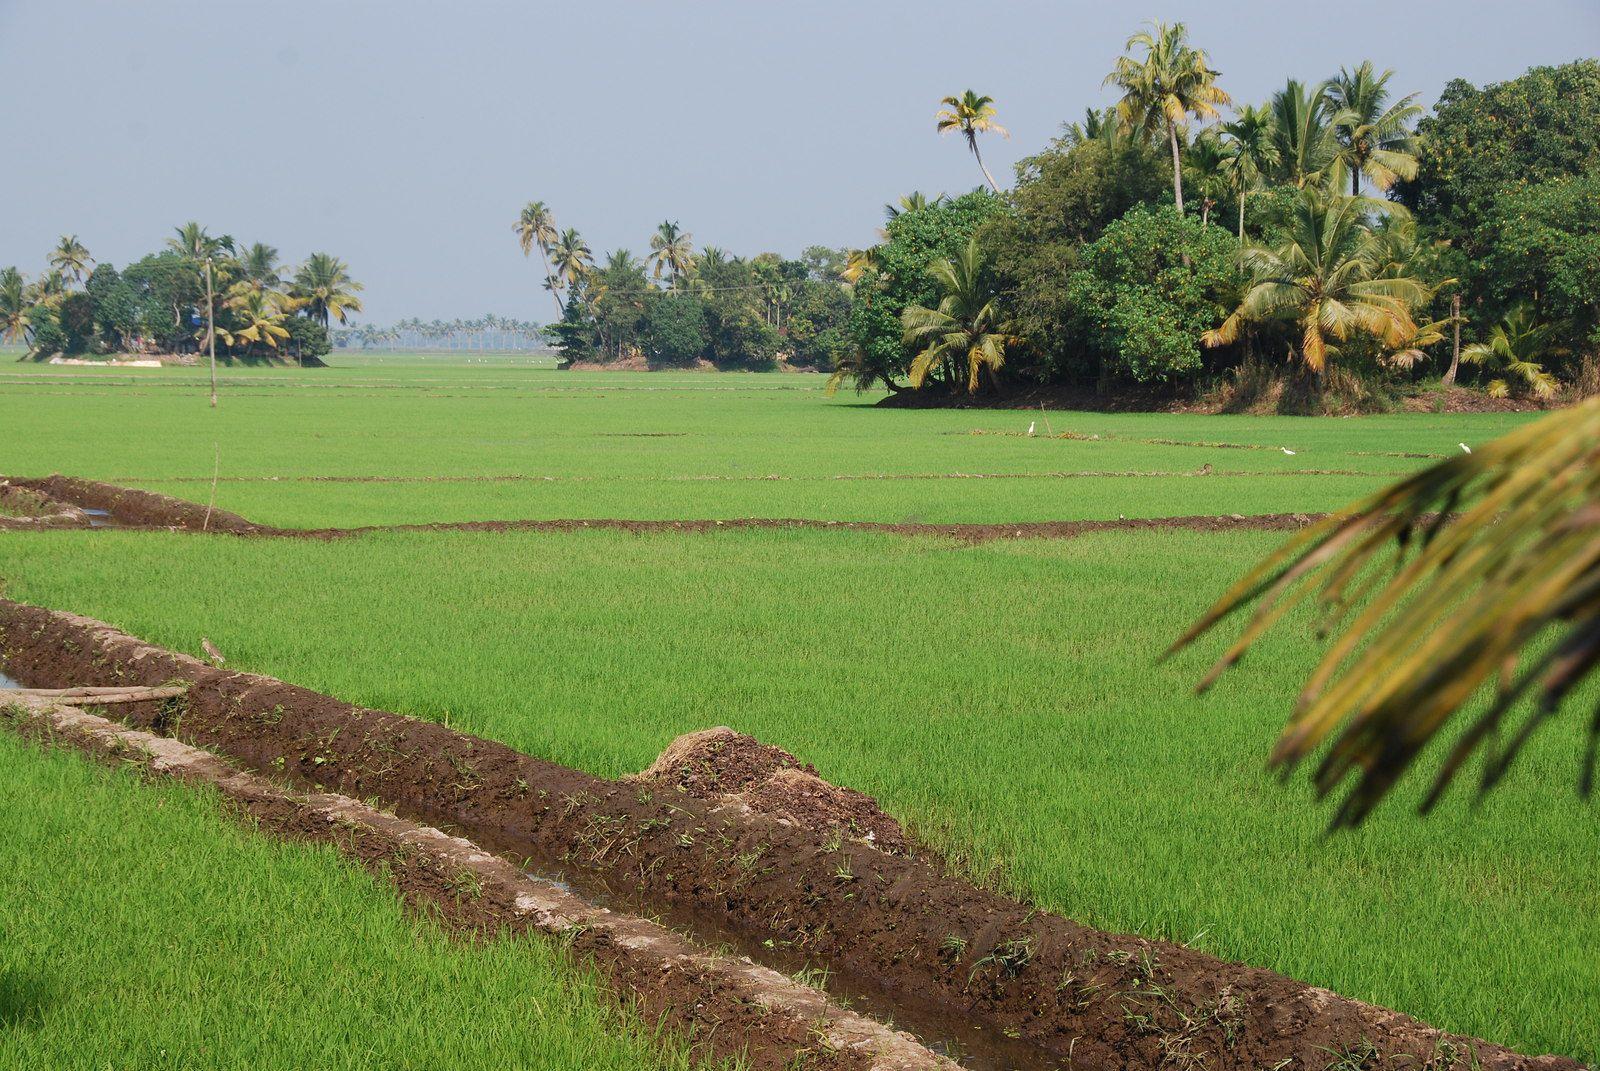 Inde du Sud / 3 / Il est 08h33, nous sommes le 7 Novembre 2020